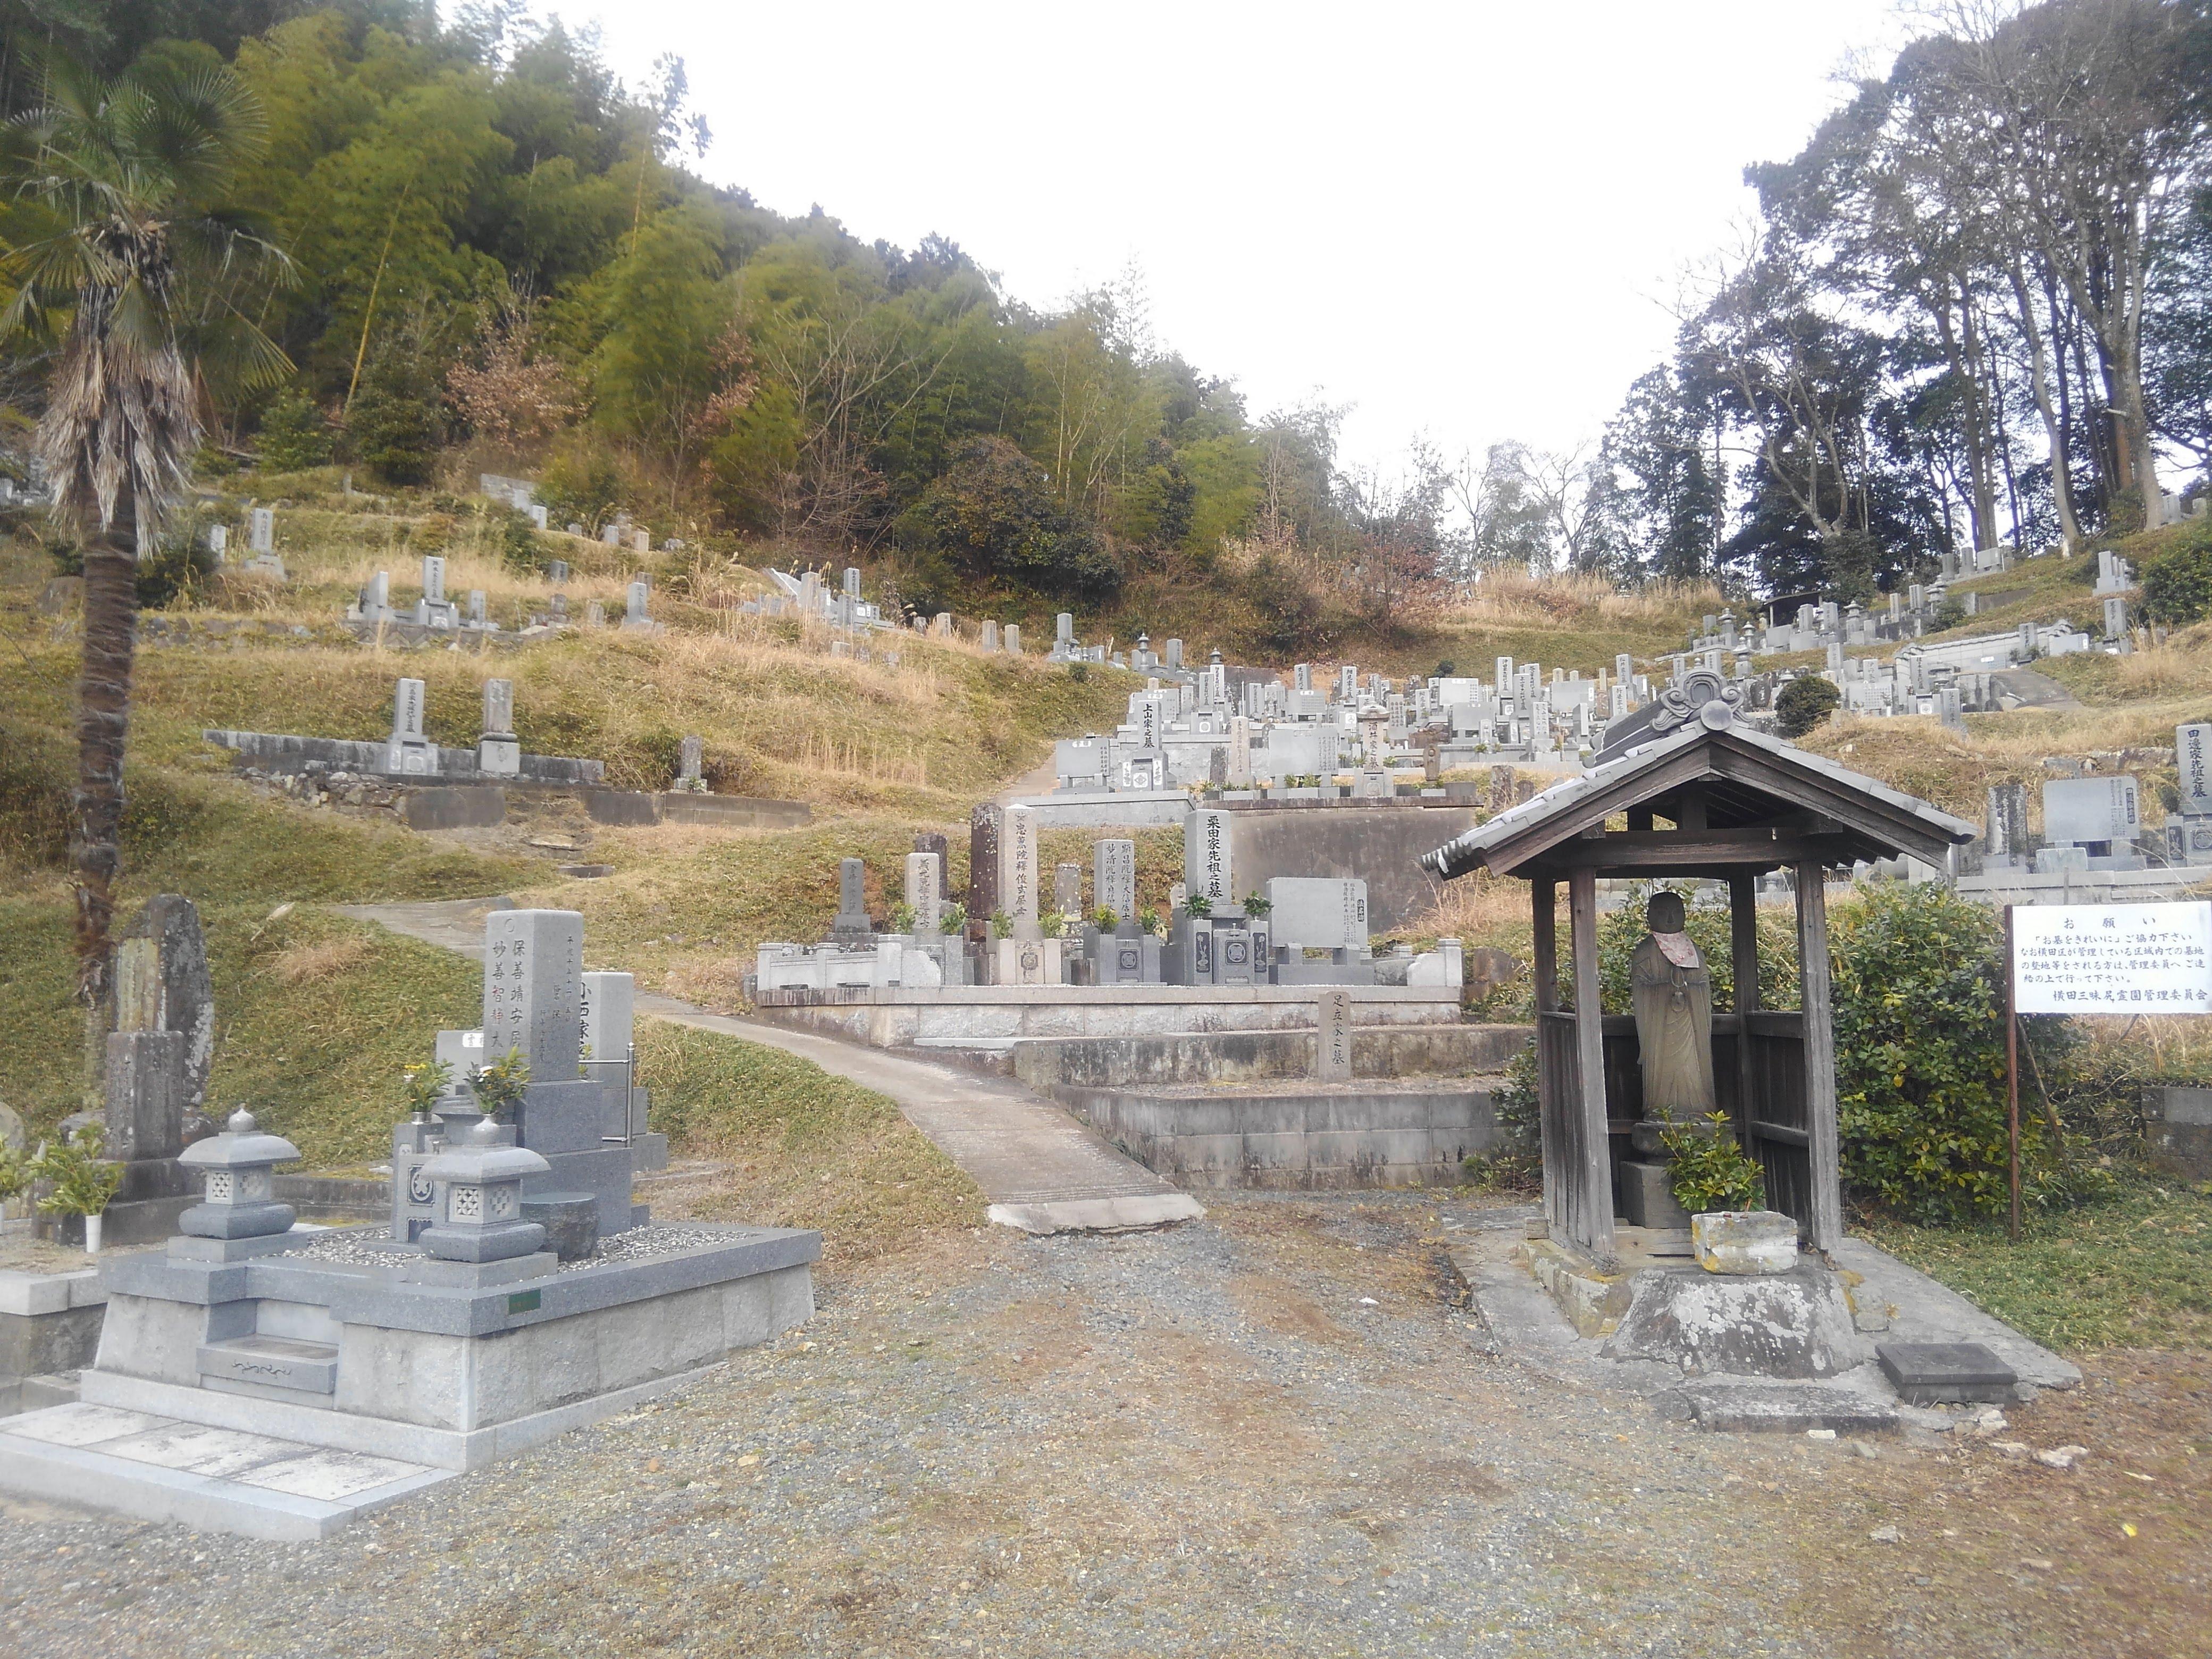 https://www.morita-stone.co.jp/weblog/img/2.29%200.jpg